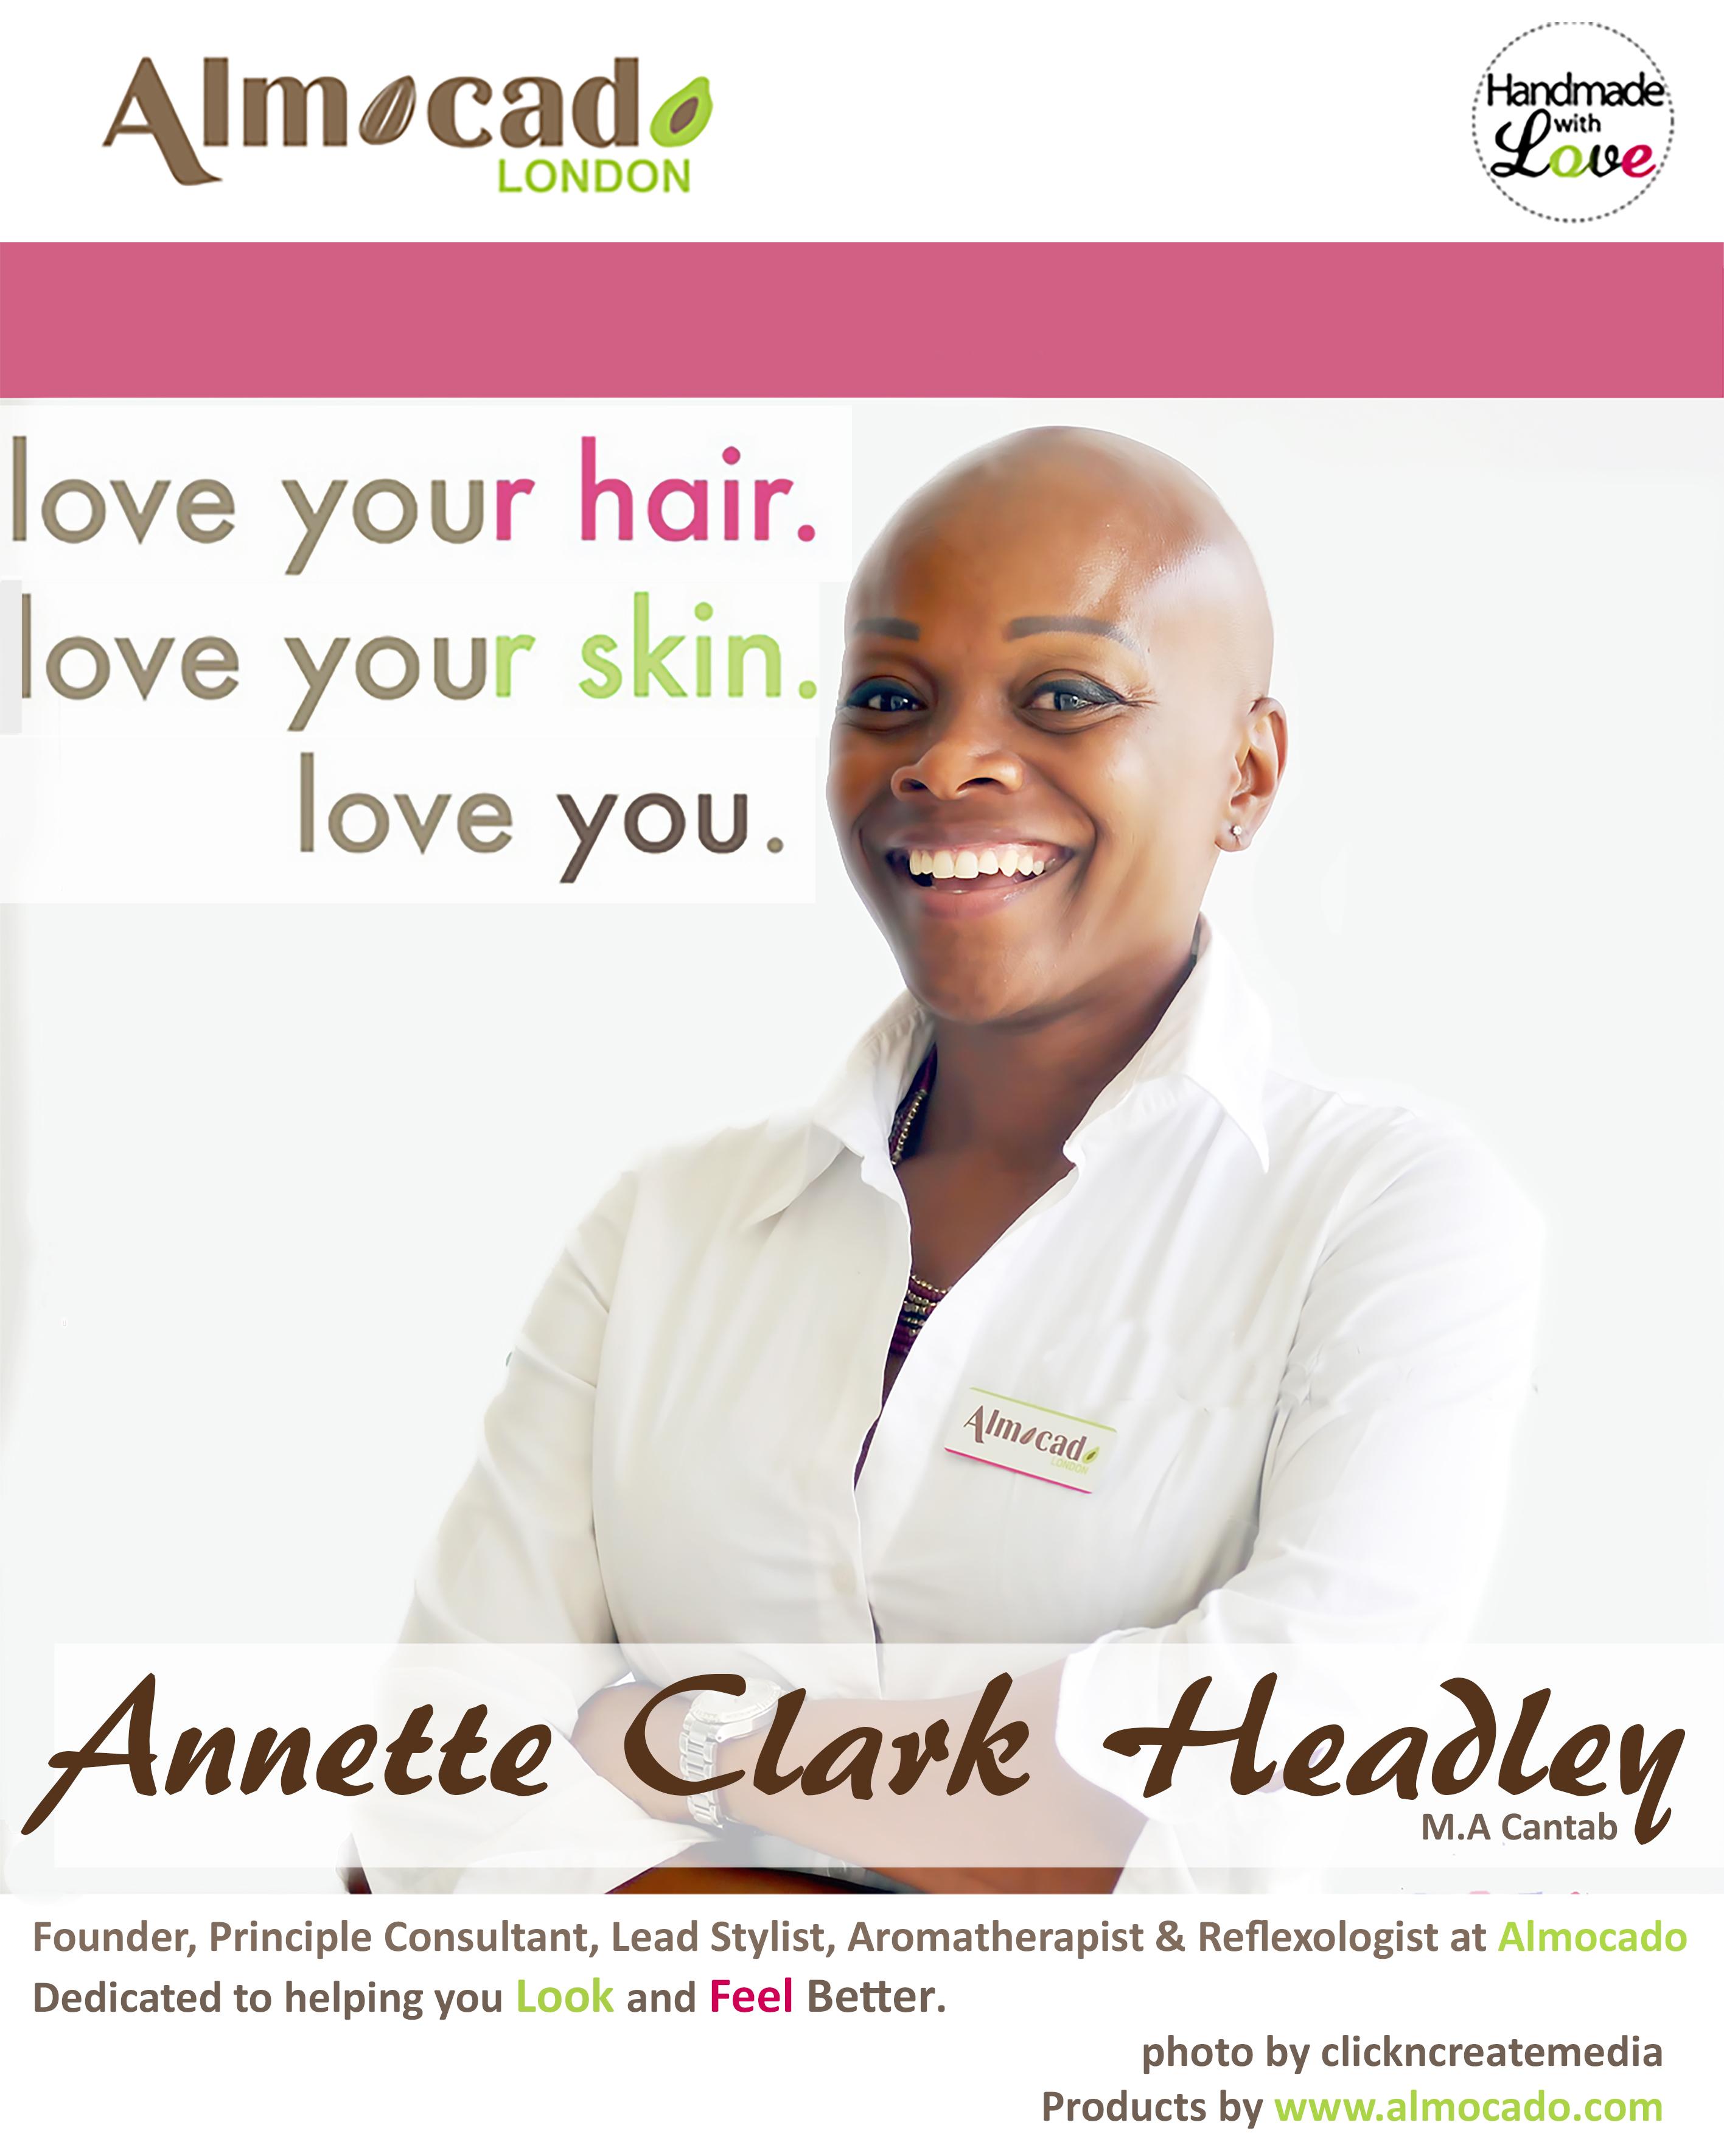 Annette Clark Headley, Founder